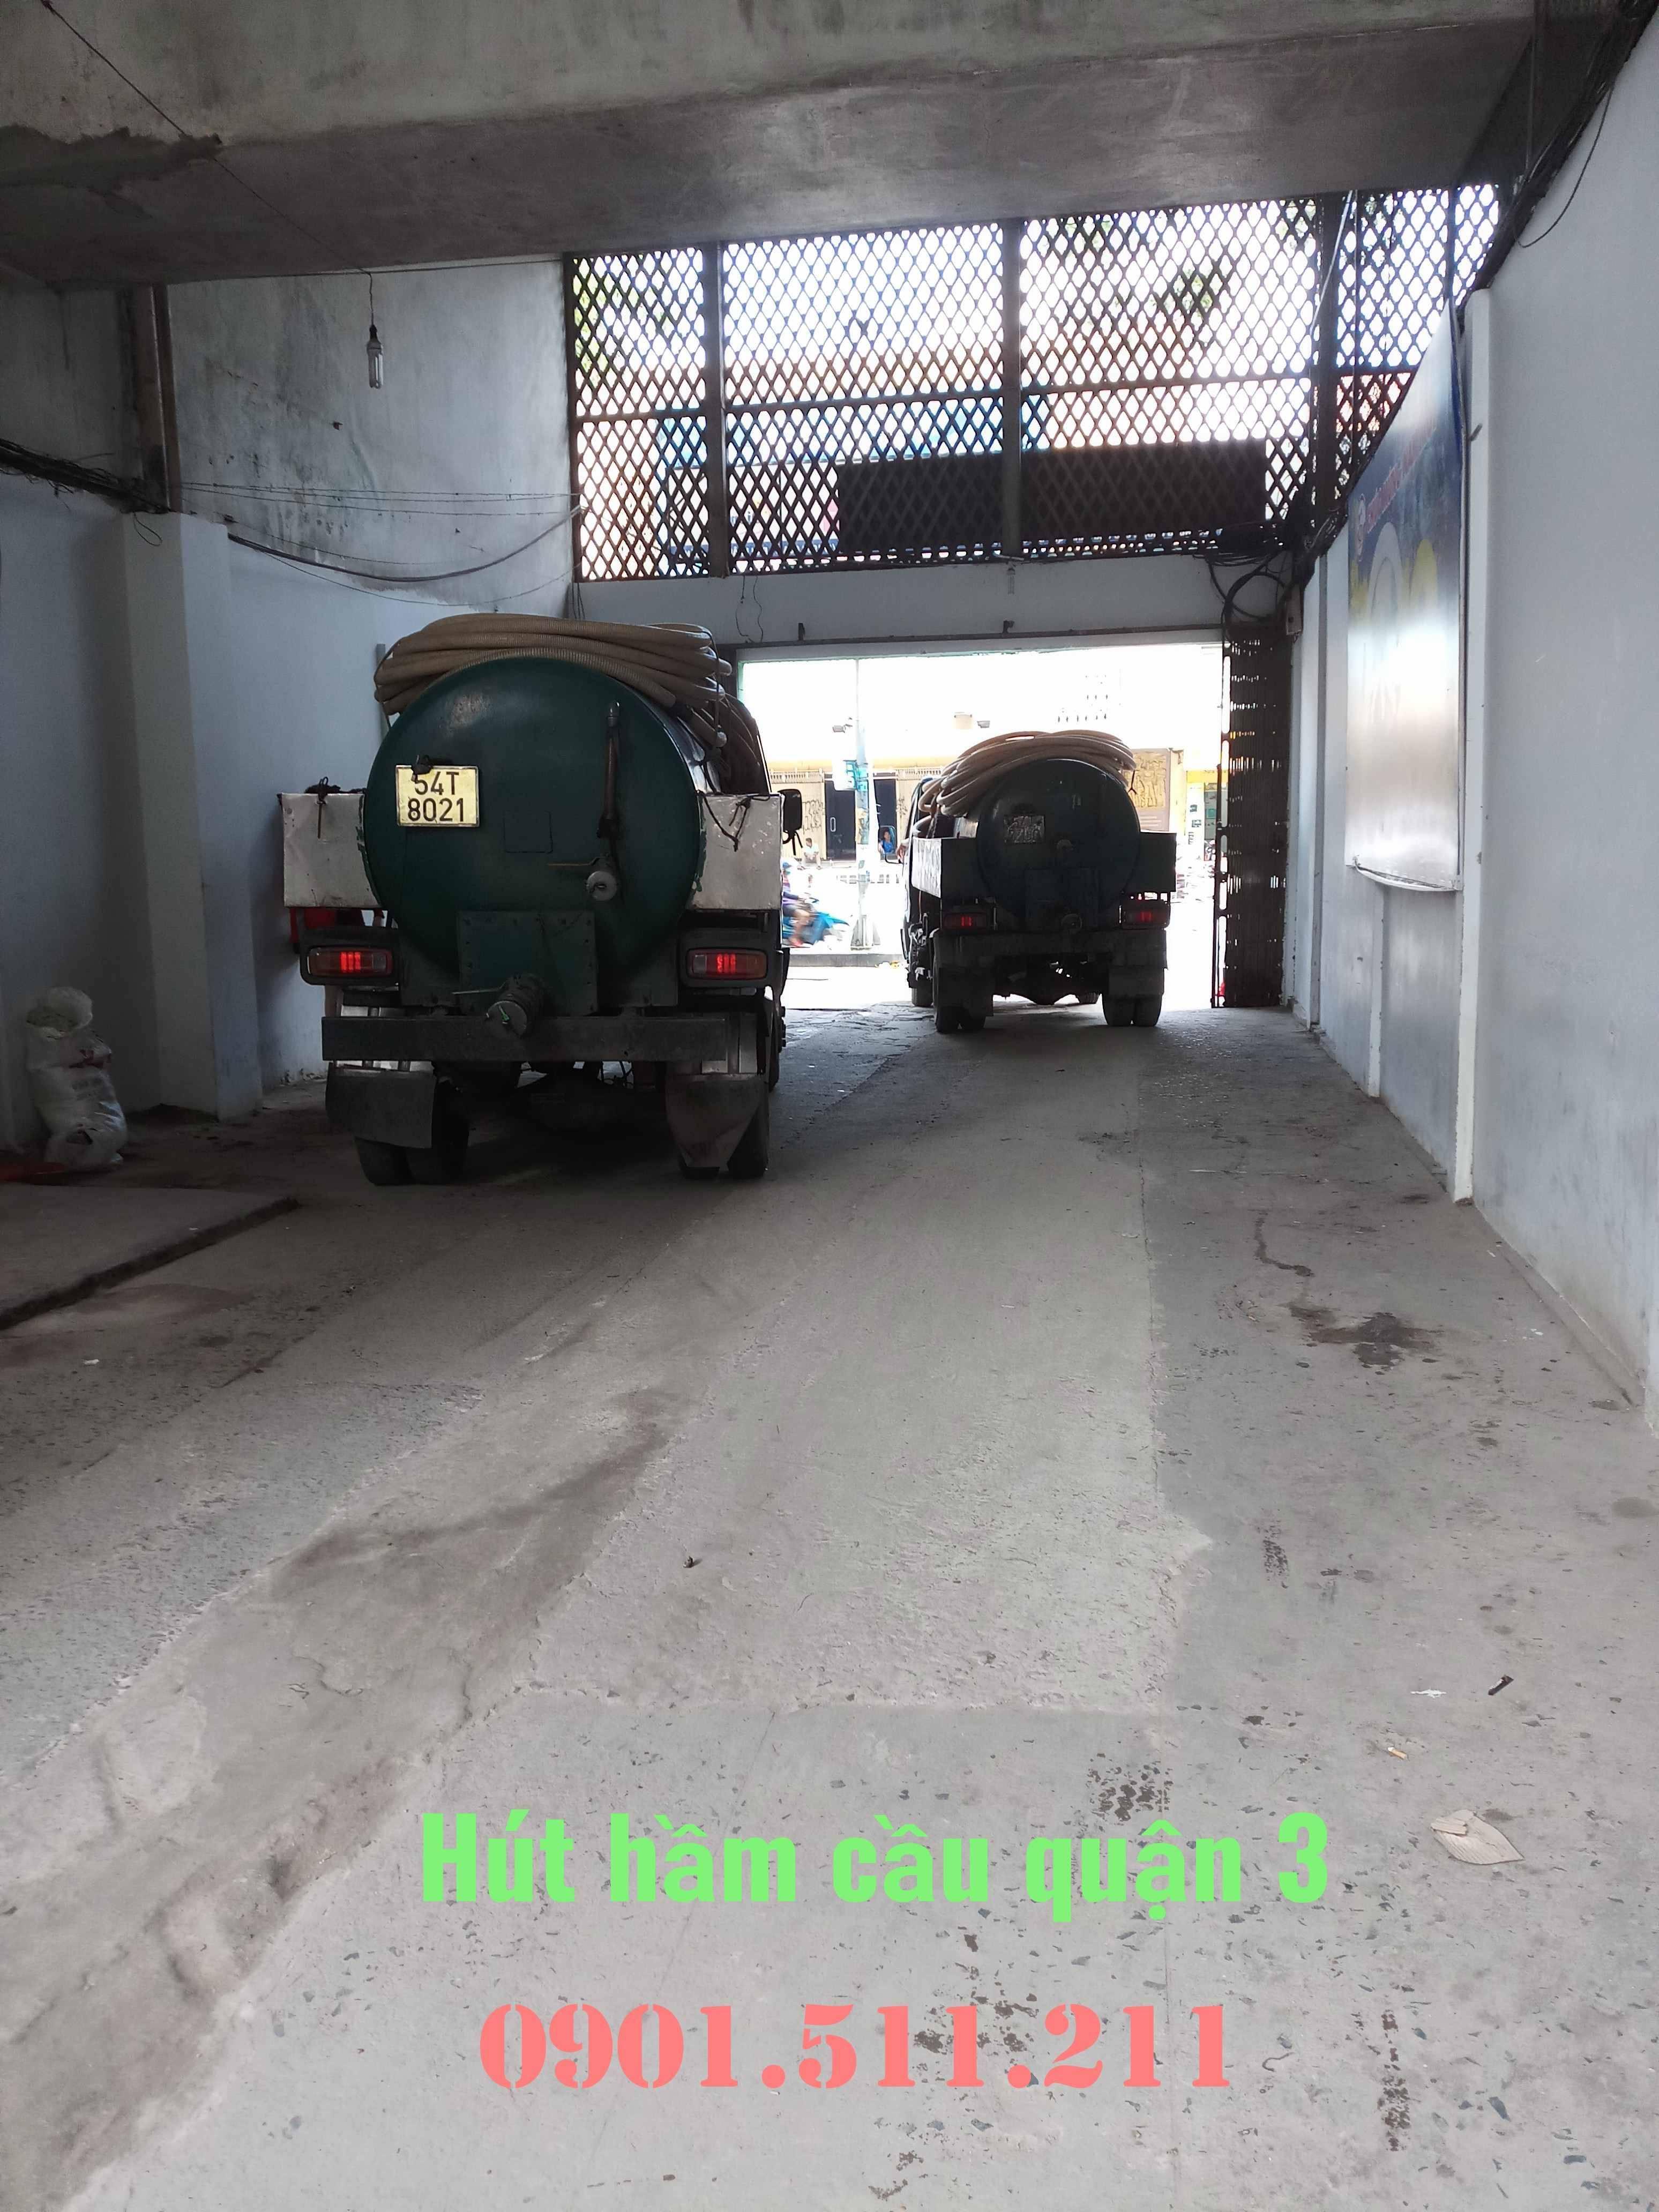 Hút hầm cầu quận 3 uy tín giá rẻ HOÀNG LONG 0901511211